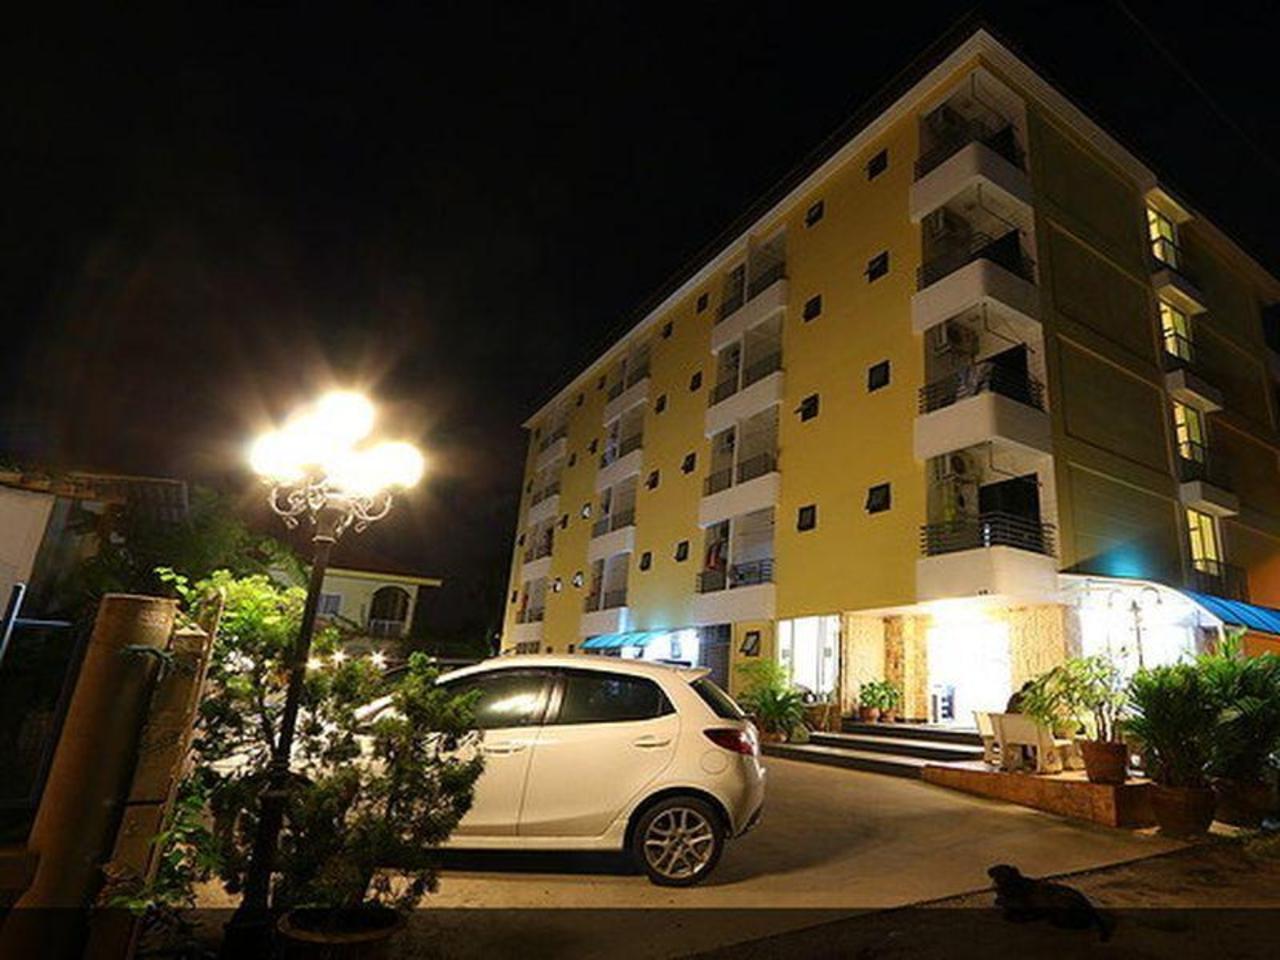 โนเบิ้ล เรสซิเดนซ์ เซอร์วิซ อพาร์ตเมนต์ (Noble Residence Serviced Apartment)